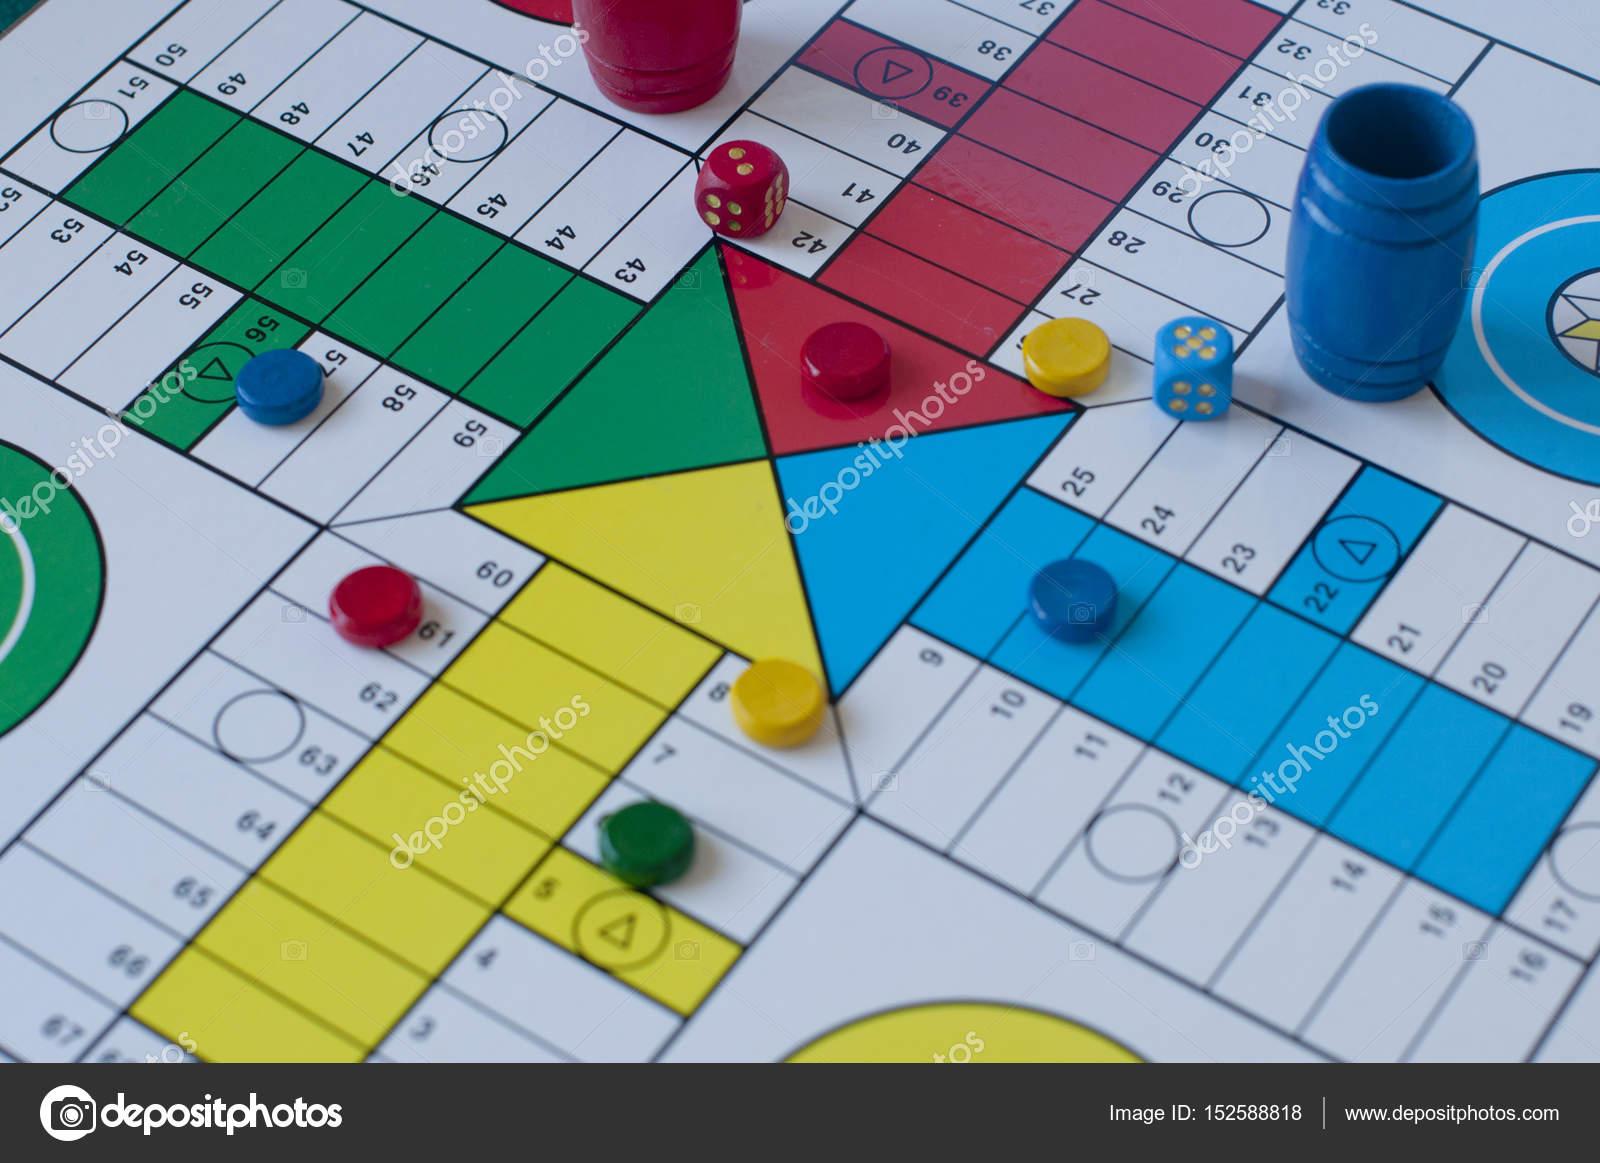 Parchis gioco con dadi e piastrelle u foto stock rehtse